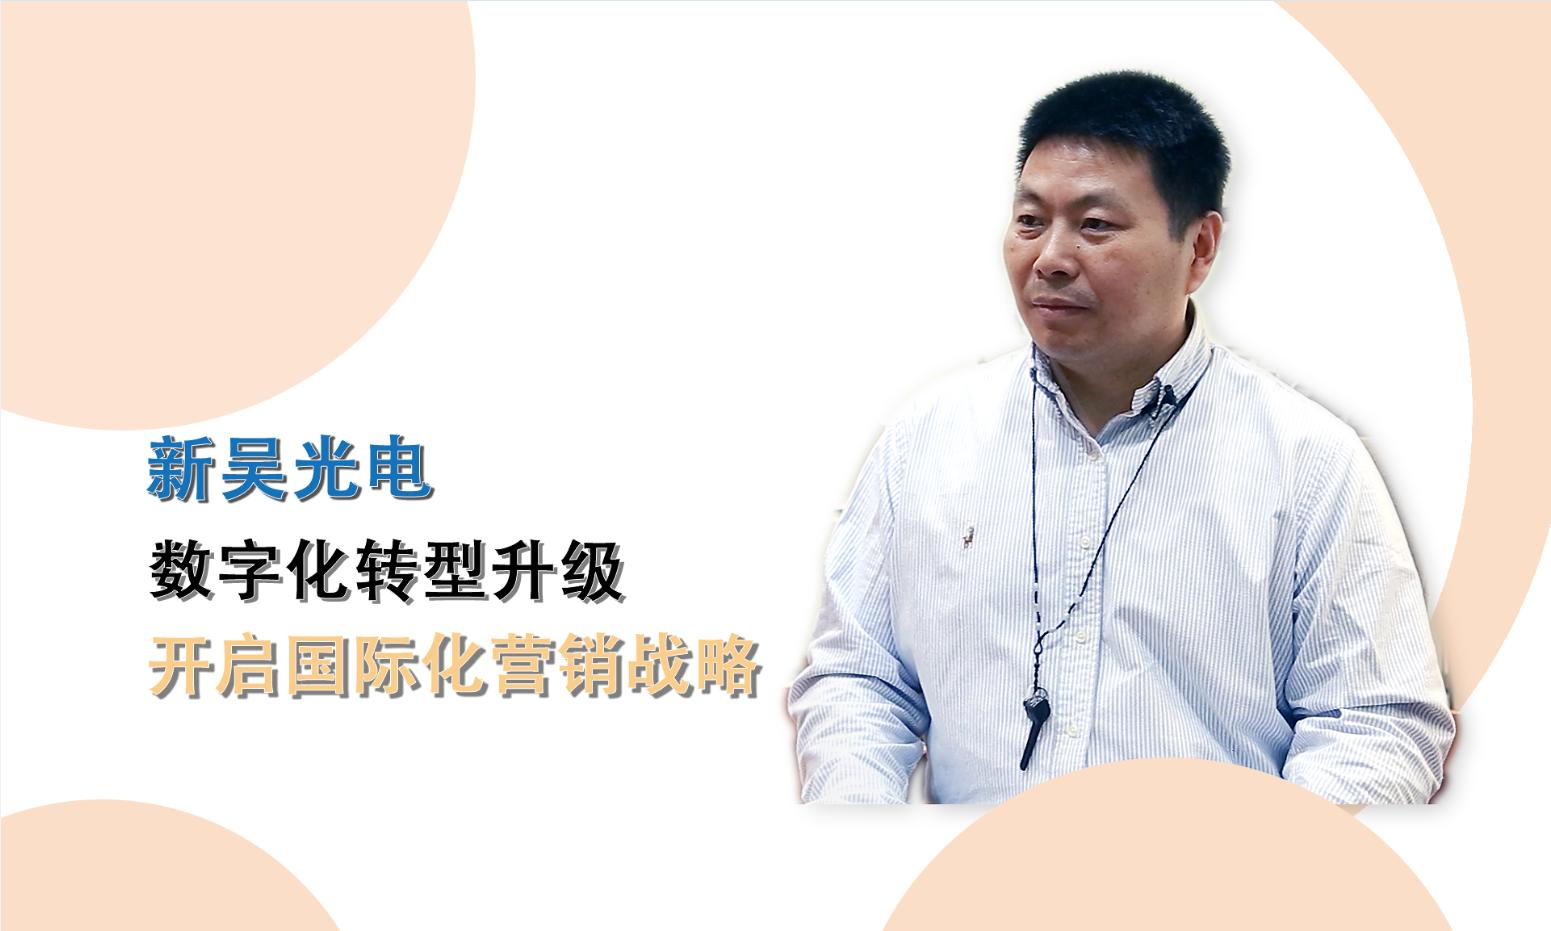 新吳光電-數字化轉型升級 開啟國際化營銷戰略